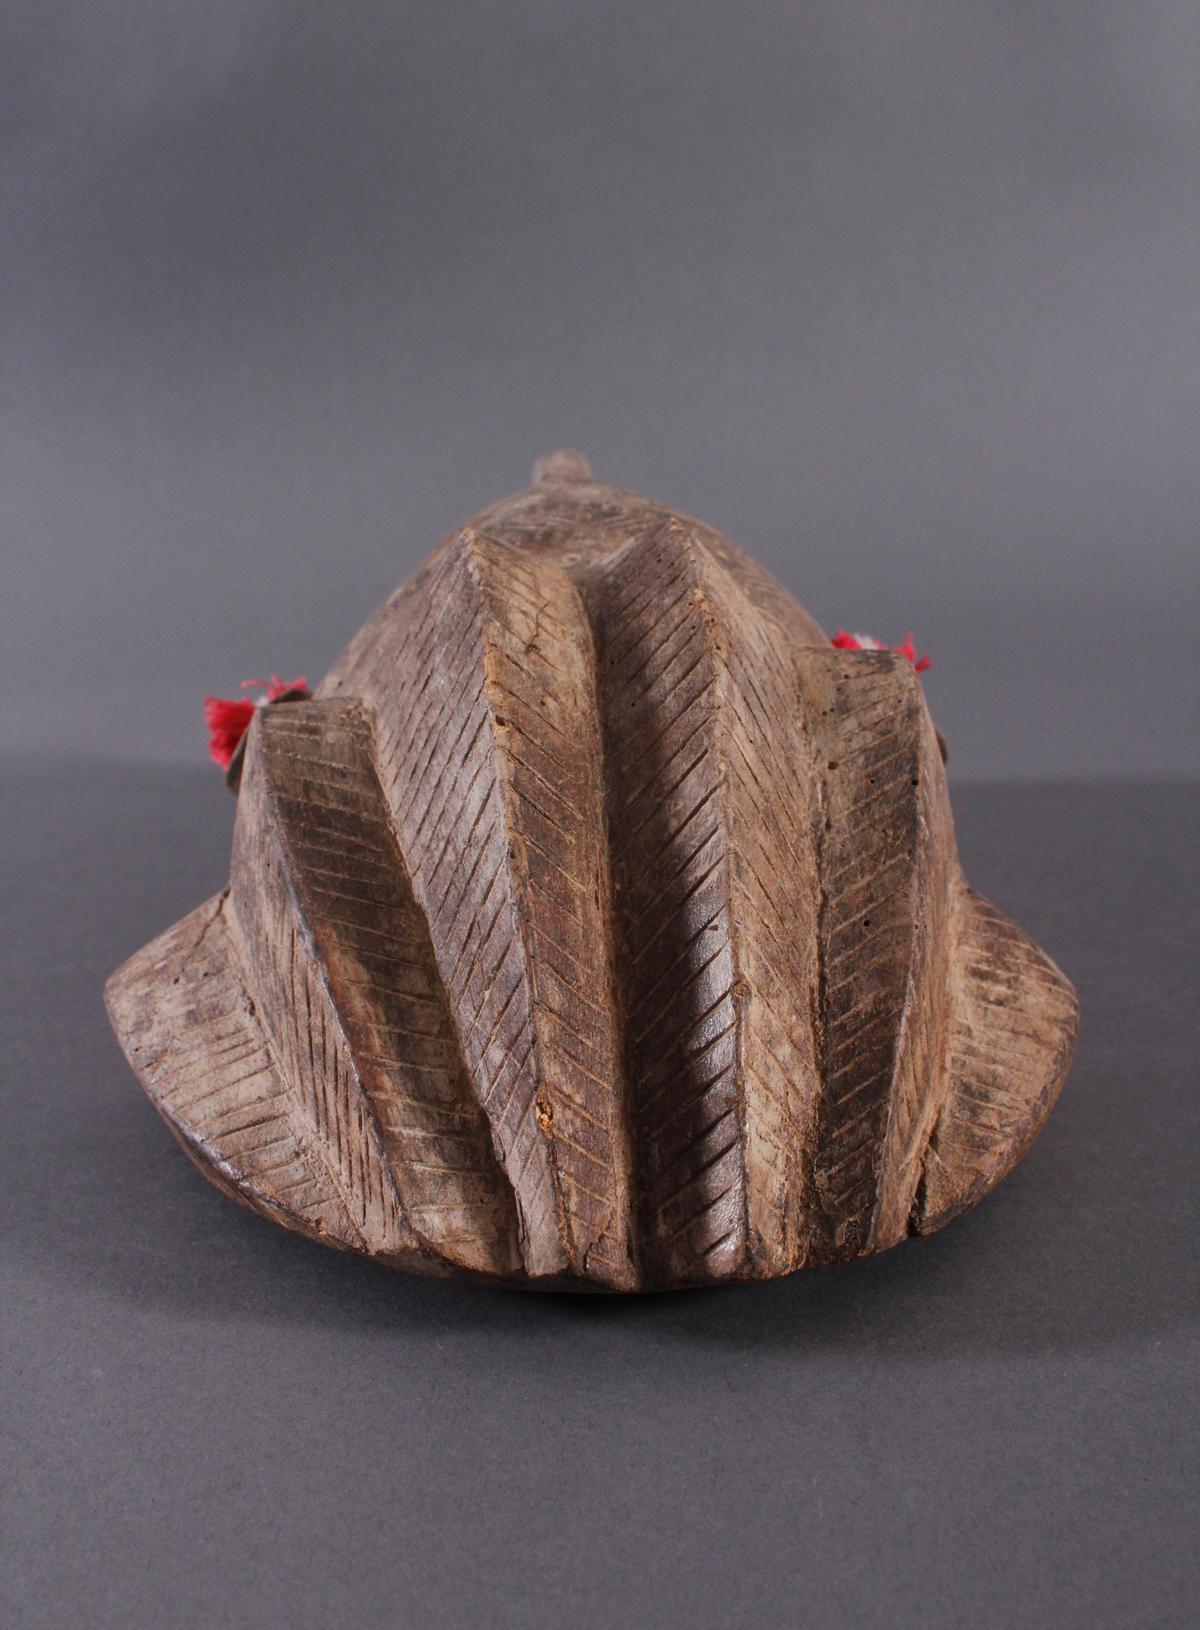 Antike Maske, Bambara, Mali 1. Hälfte 20. Jh.Holz geschnitzt, Musterritzungen, kleine Quasten als - Bild 3 aus 5